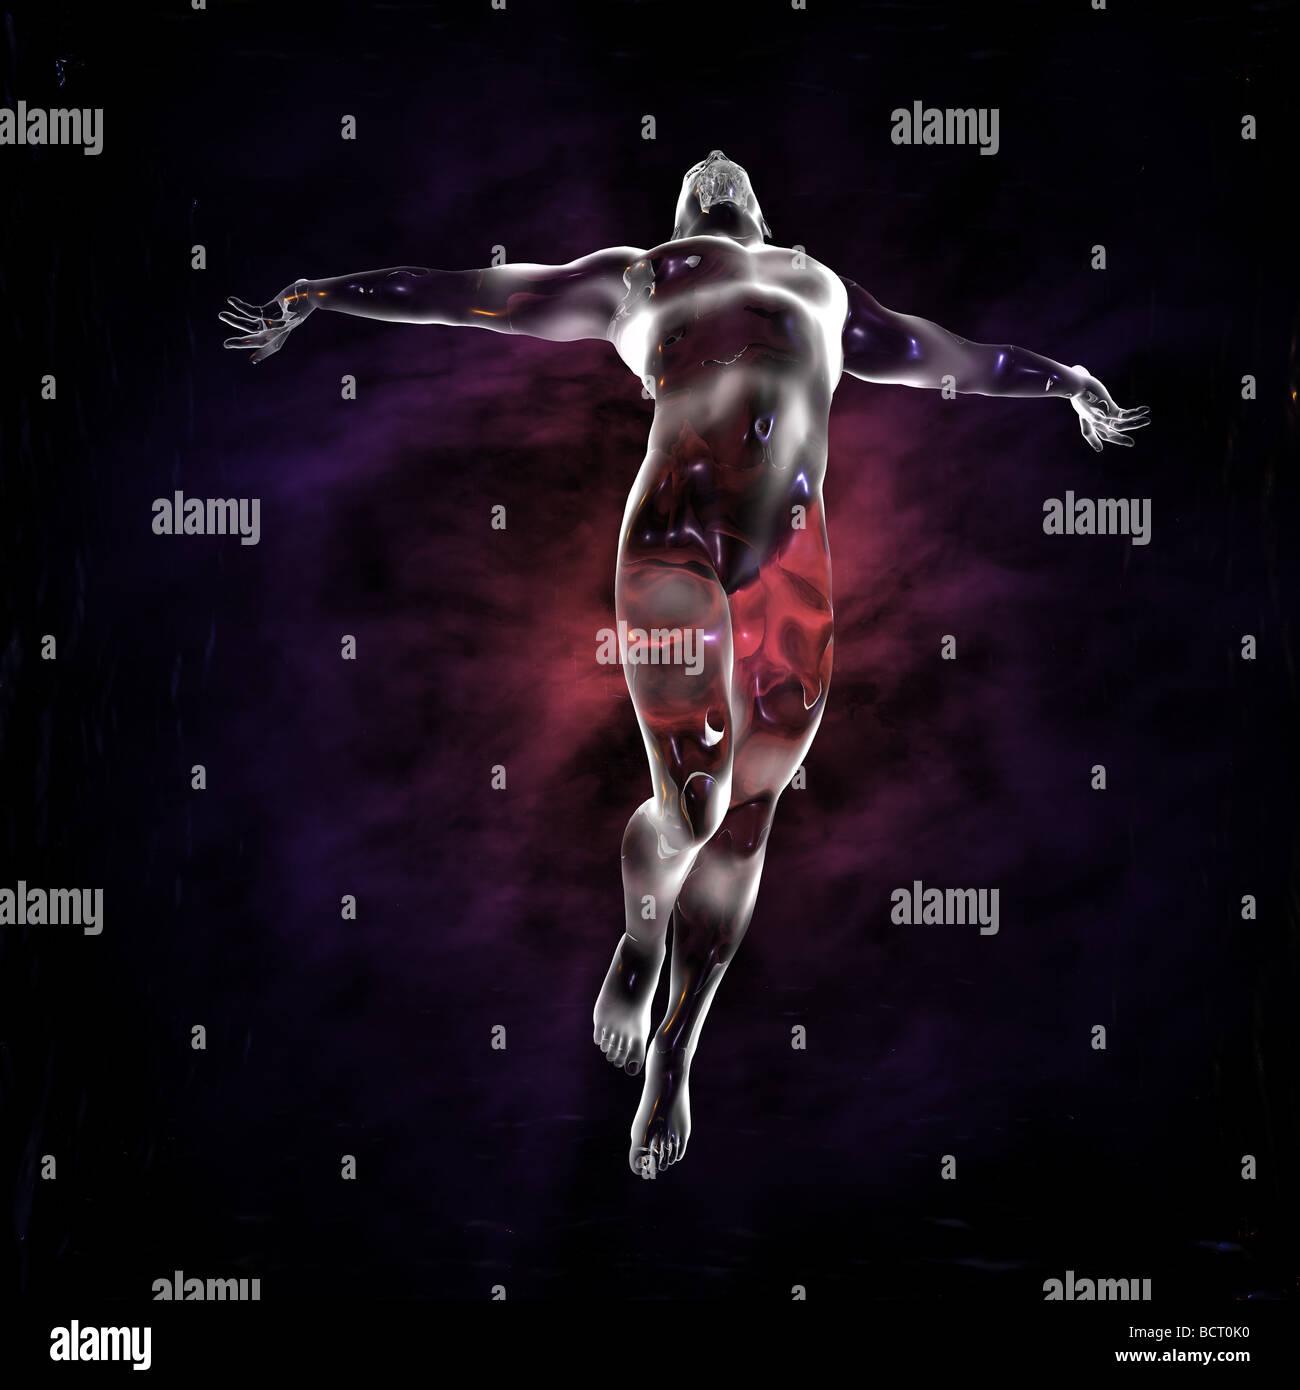 Un hombre de cristal se eleva en ascensión, con un fondo de Luces etéreas. La imagen tiene muchas implicaciones Imagen De Stock